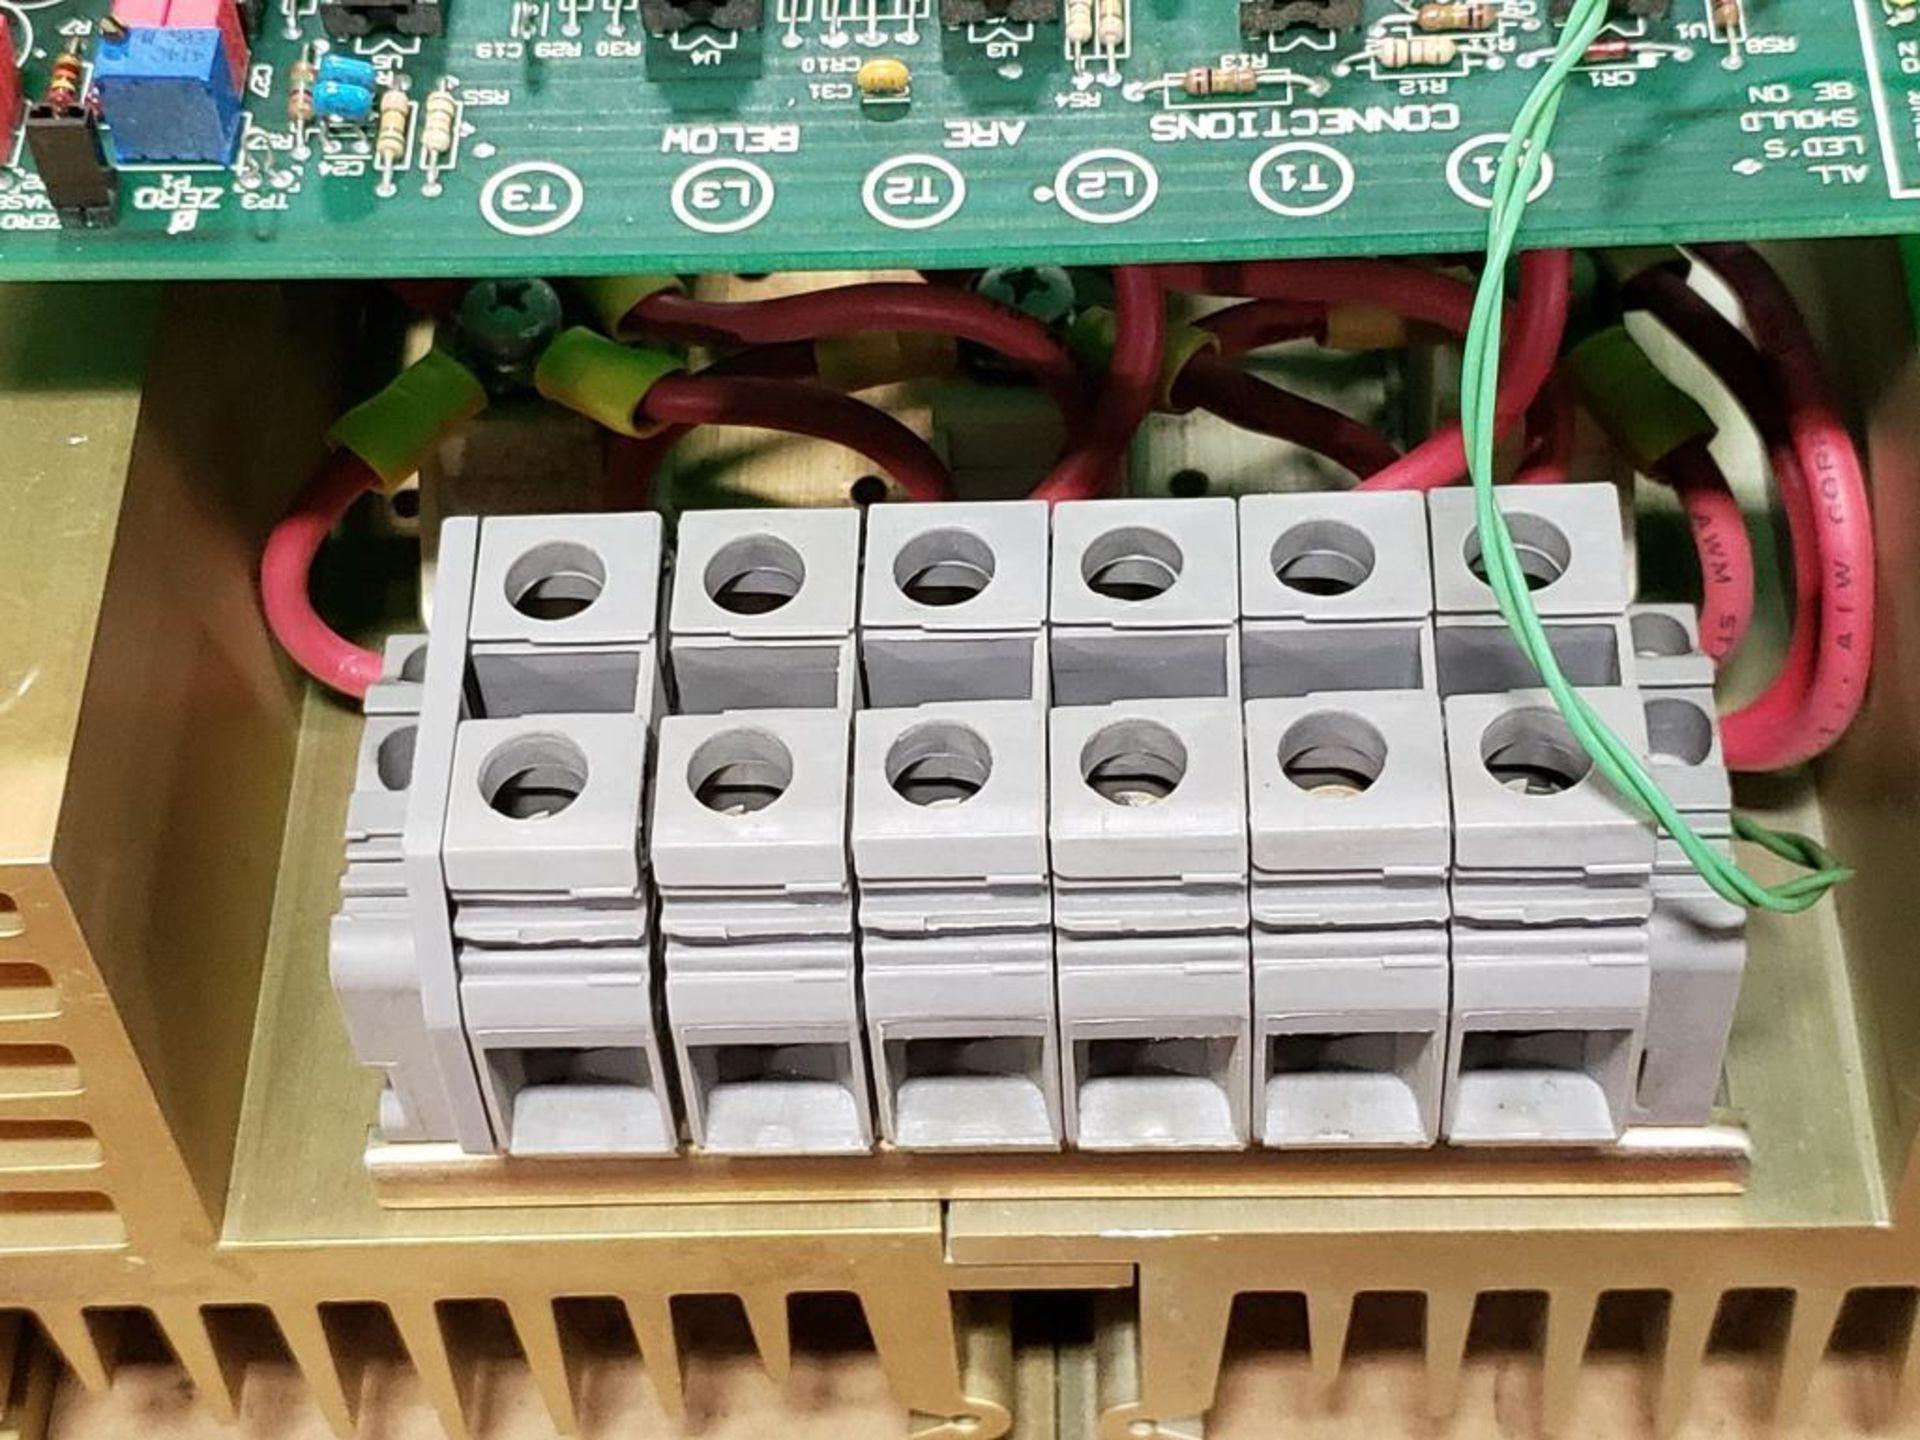 Watlow Q33/480/83/QBV 01-7353 480V power supply module. - Image 12 of 14